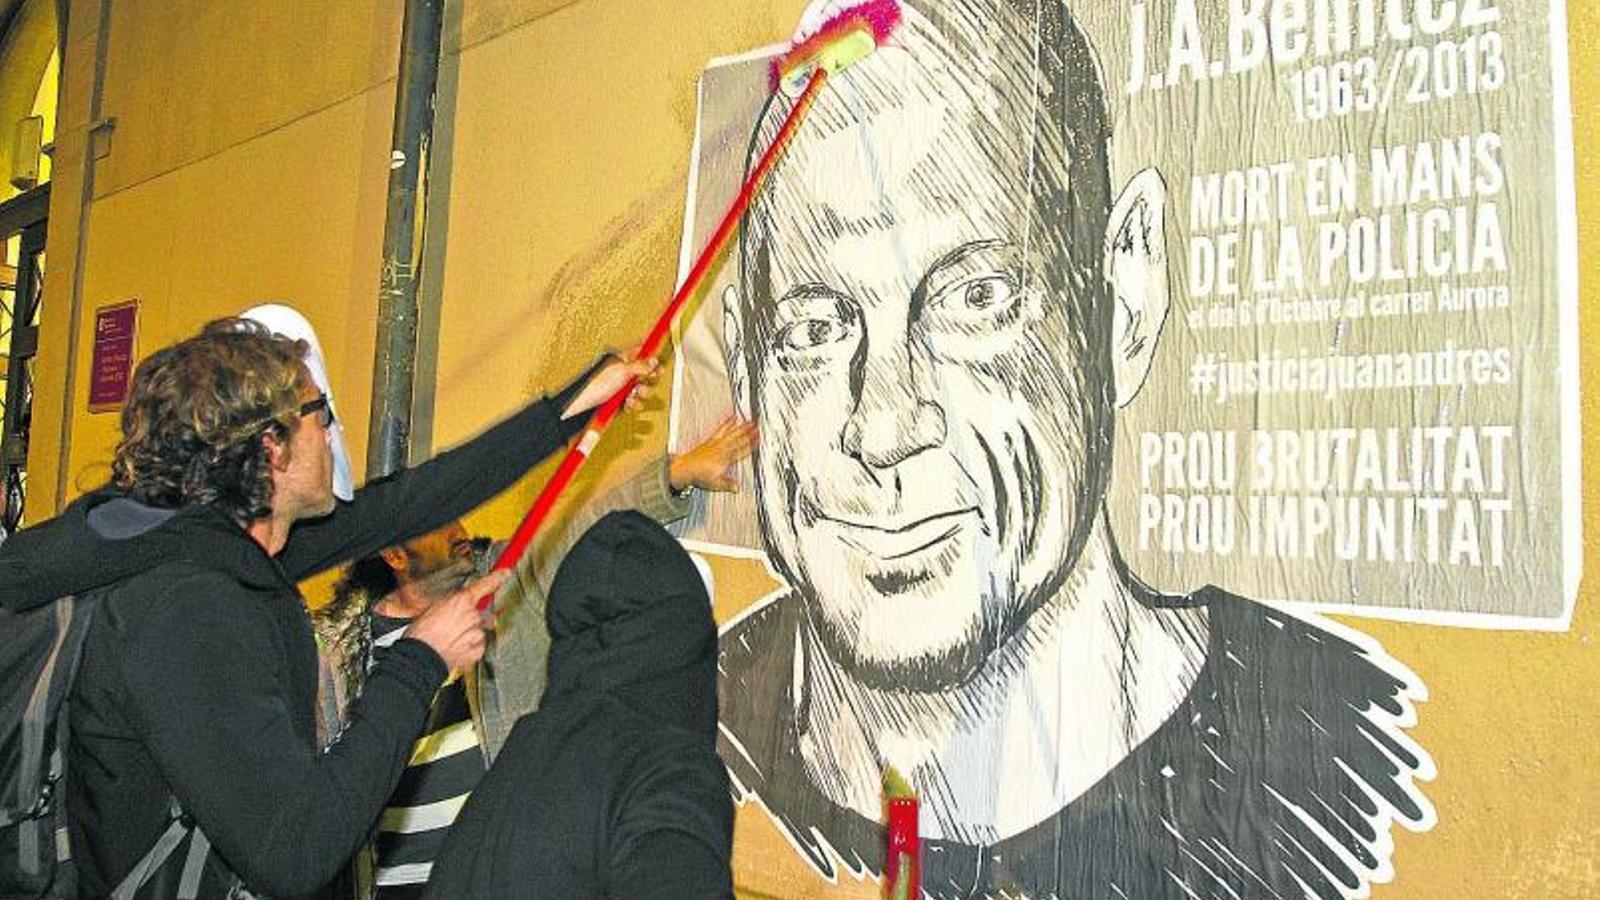 UN CAS QUE HA SACSEJAT CIUTAT VELLA  Els veïns del Raval han protagonitzat actes de protesta per l'actuació dels Mossos en la detenció de Benítez, com aquesta del 30 d'octubre.